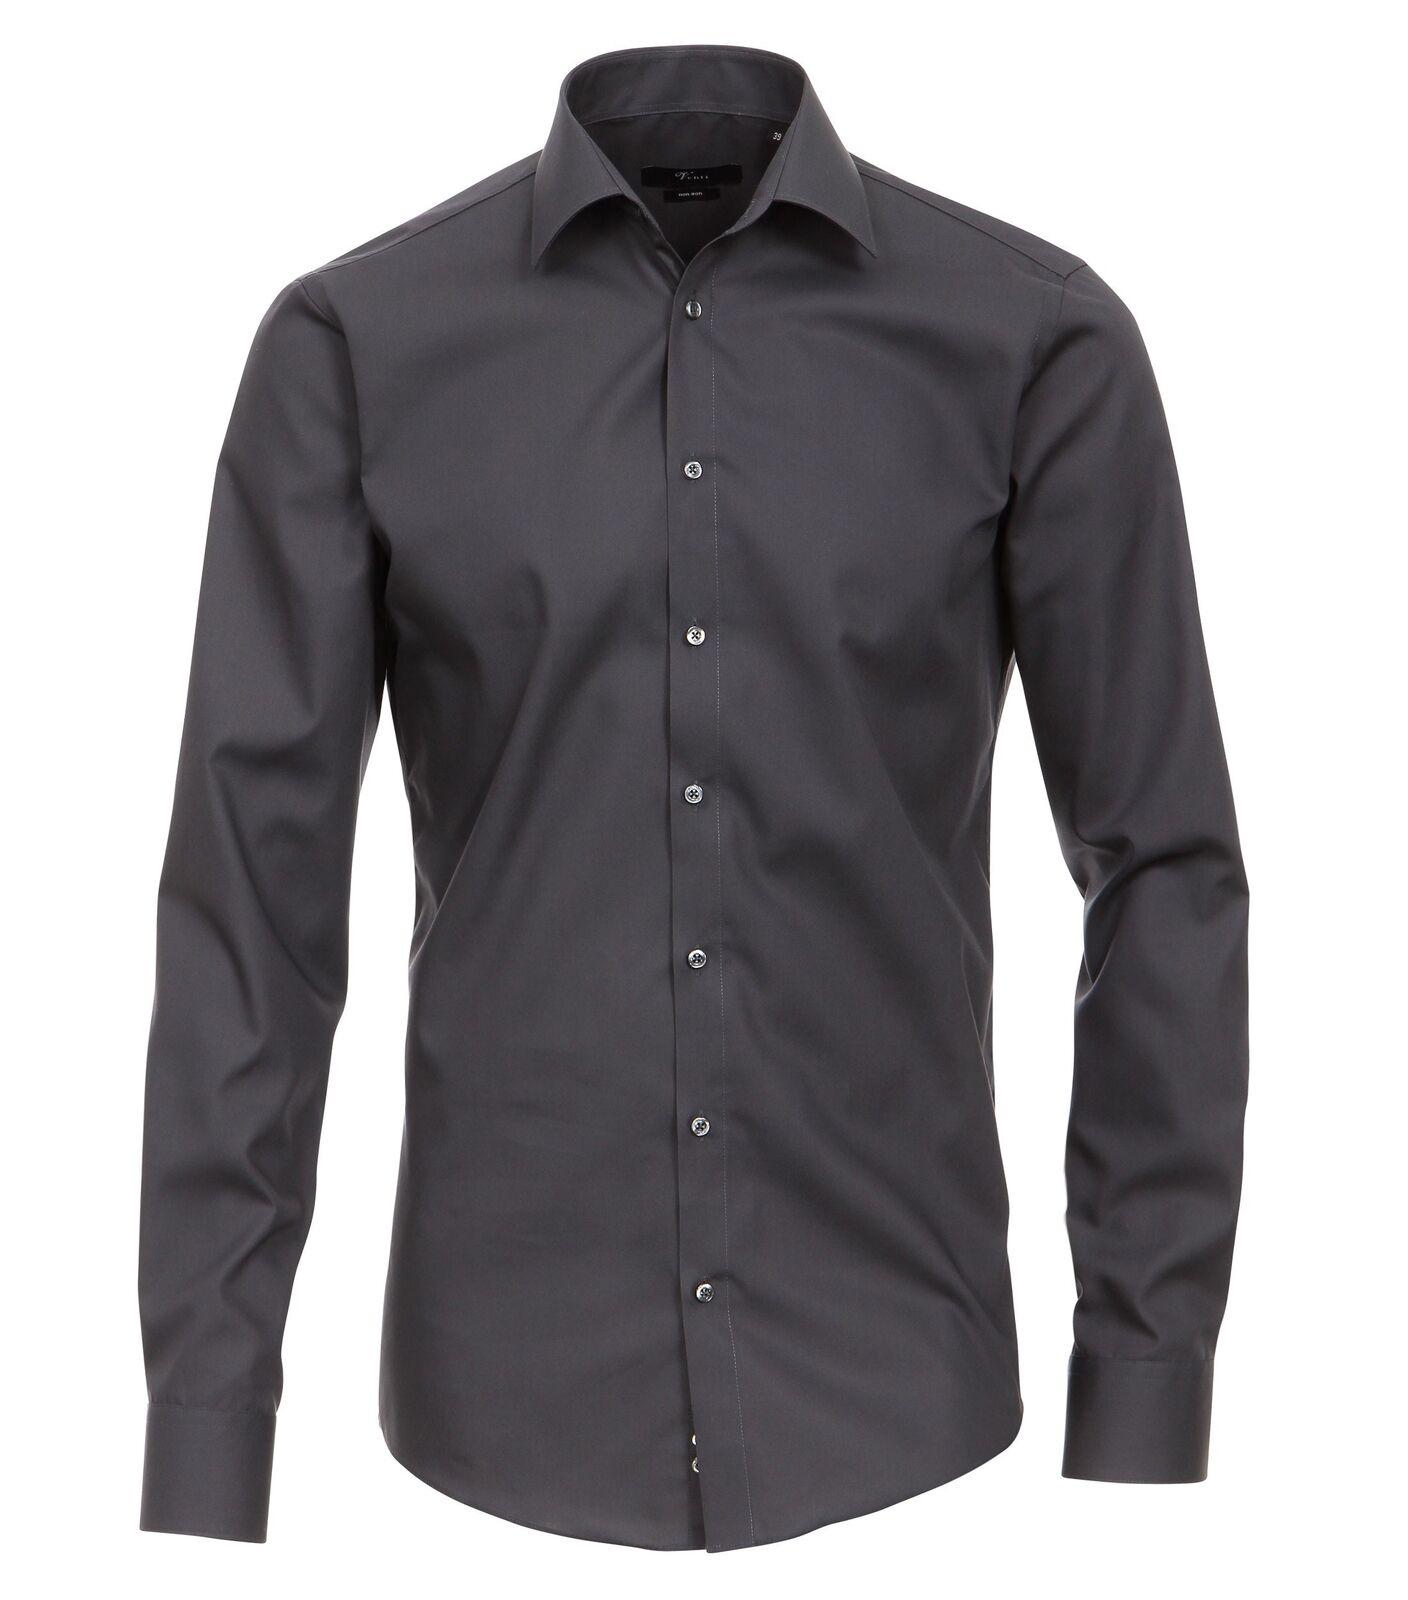 VENTI - Slim Fit - Bügelfreies Herren Business Business Business Hemd mit Extra langem Arm (72cm)     | Nutzen Sie Materialien voll aus  dfd0c4